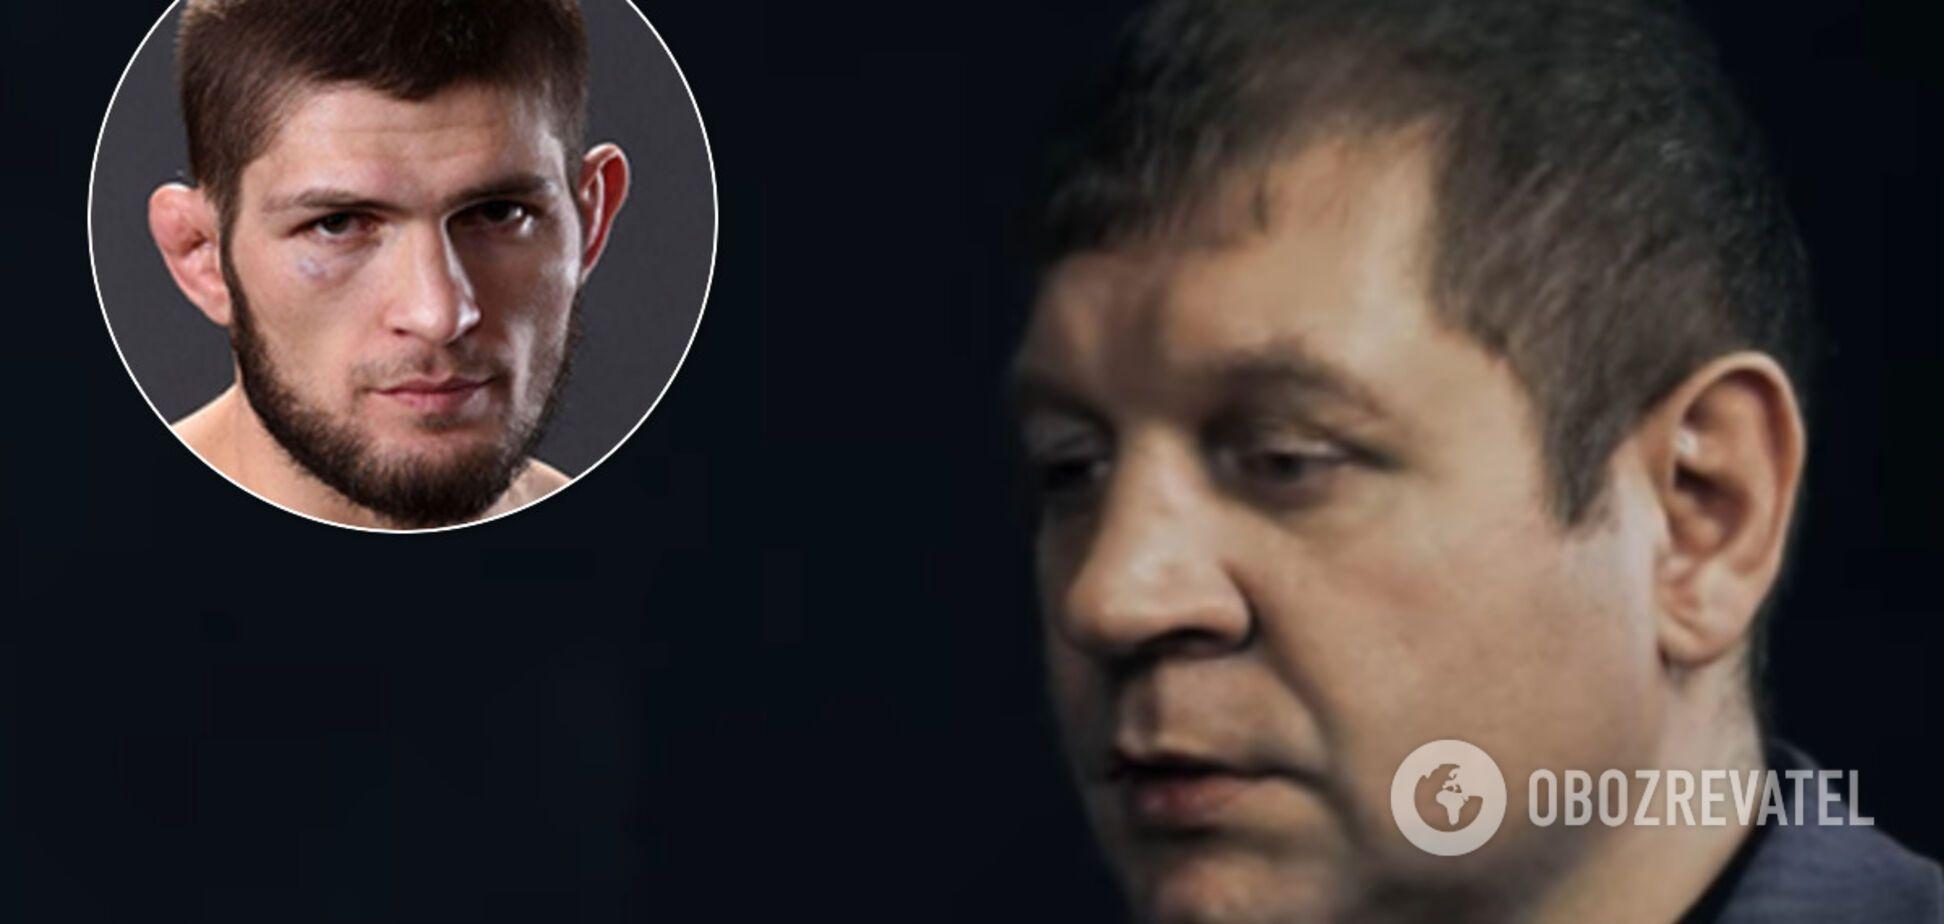 'Всім все одно': Ємельяненко відреагував на відмову Хабіба від бою з Фергюсоном